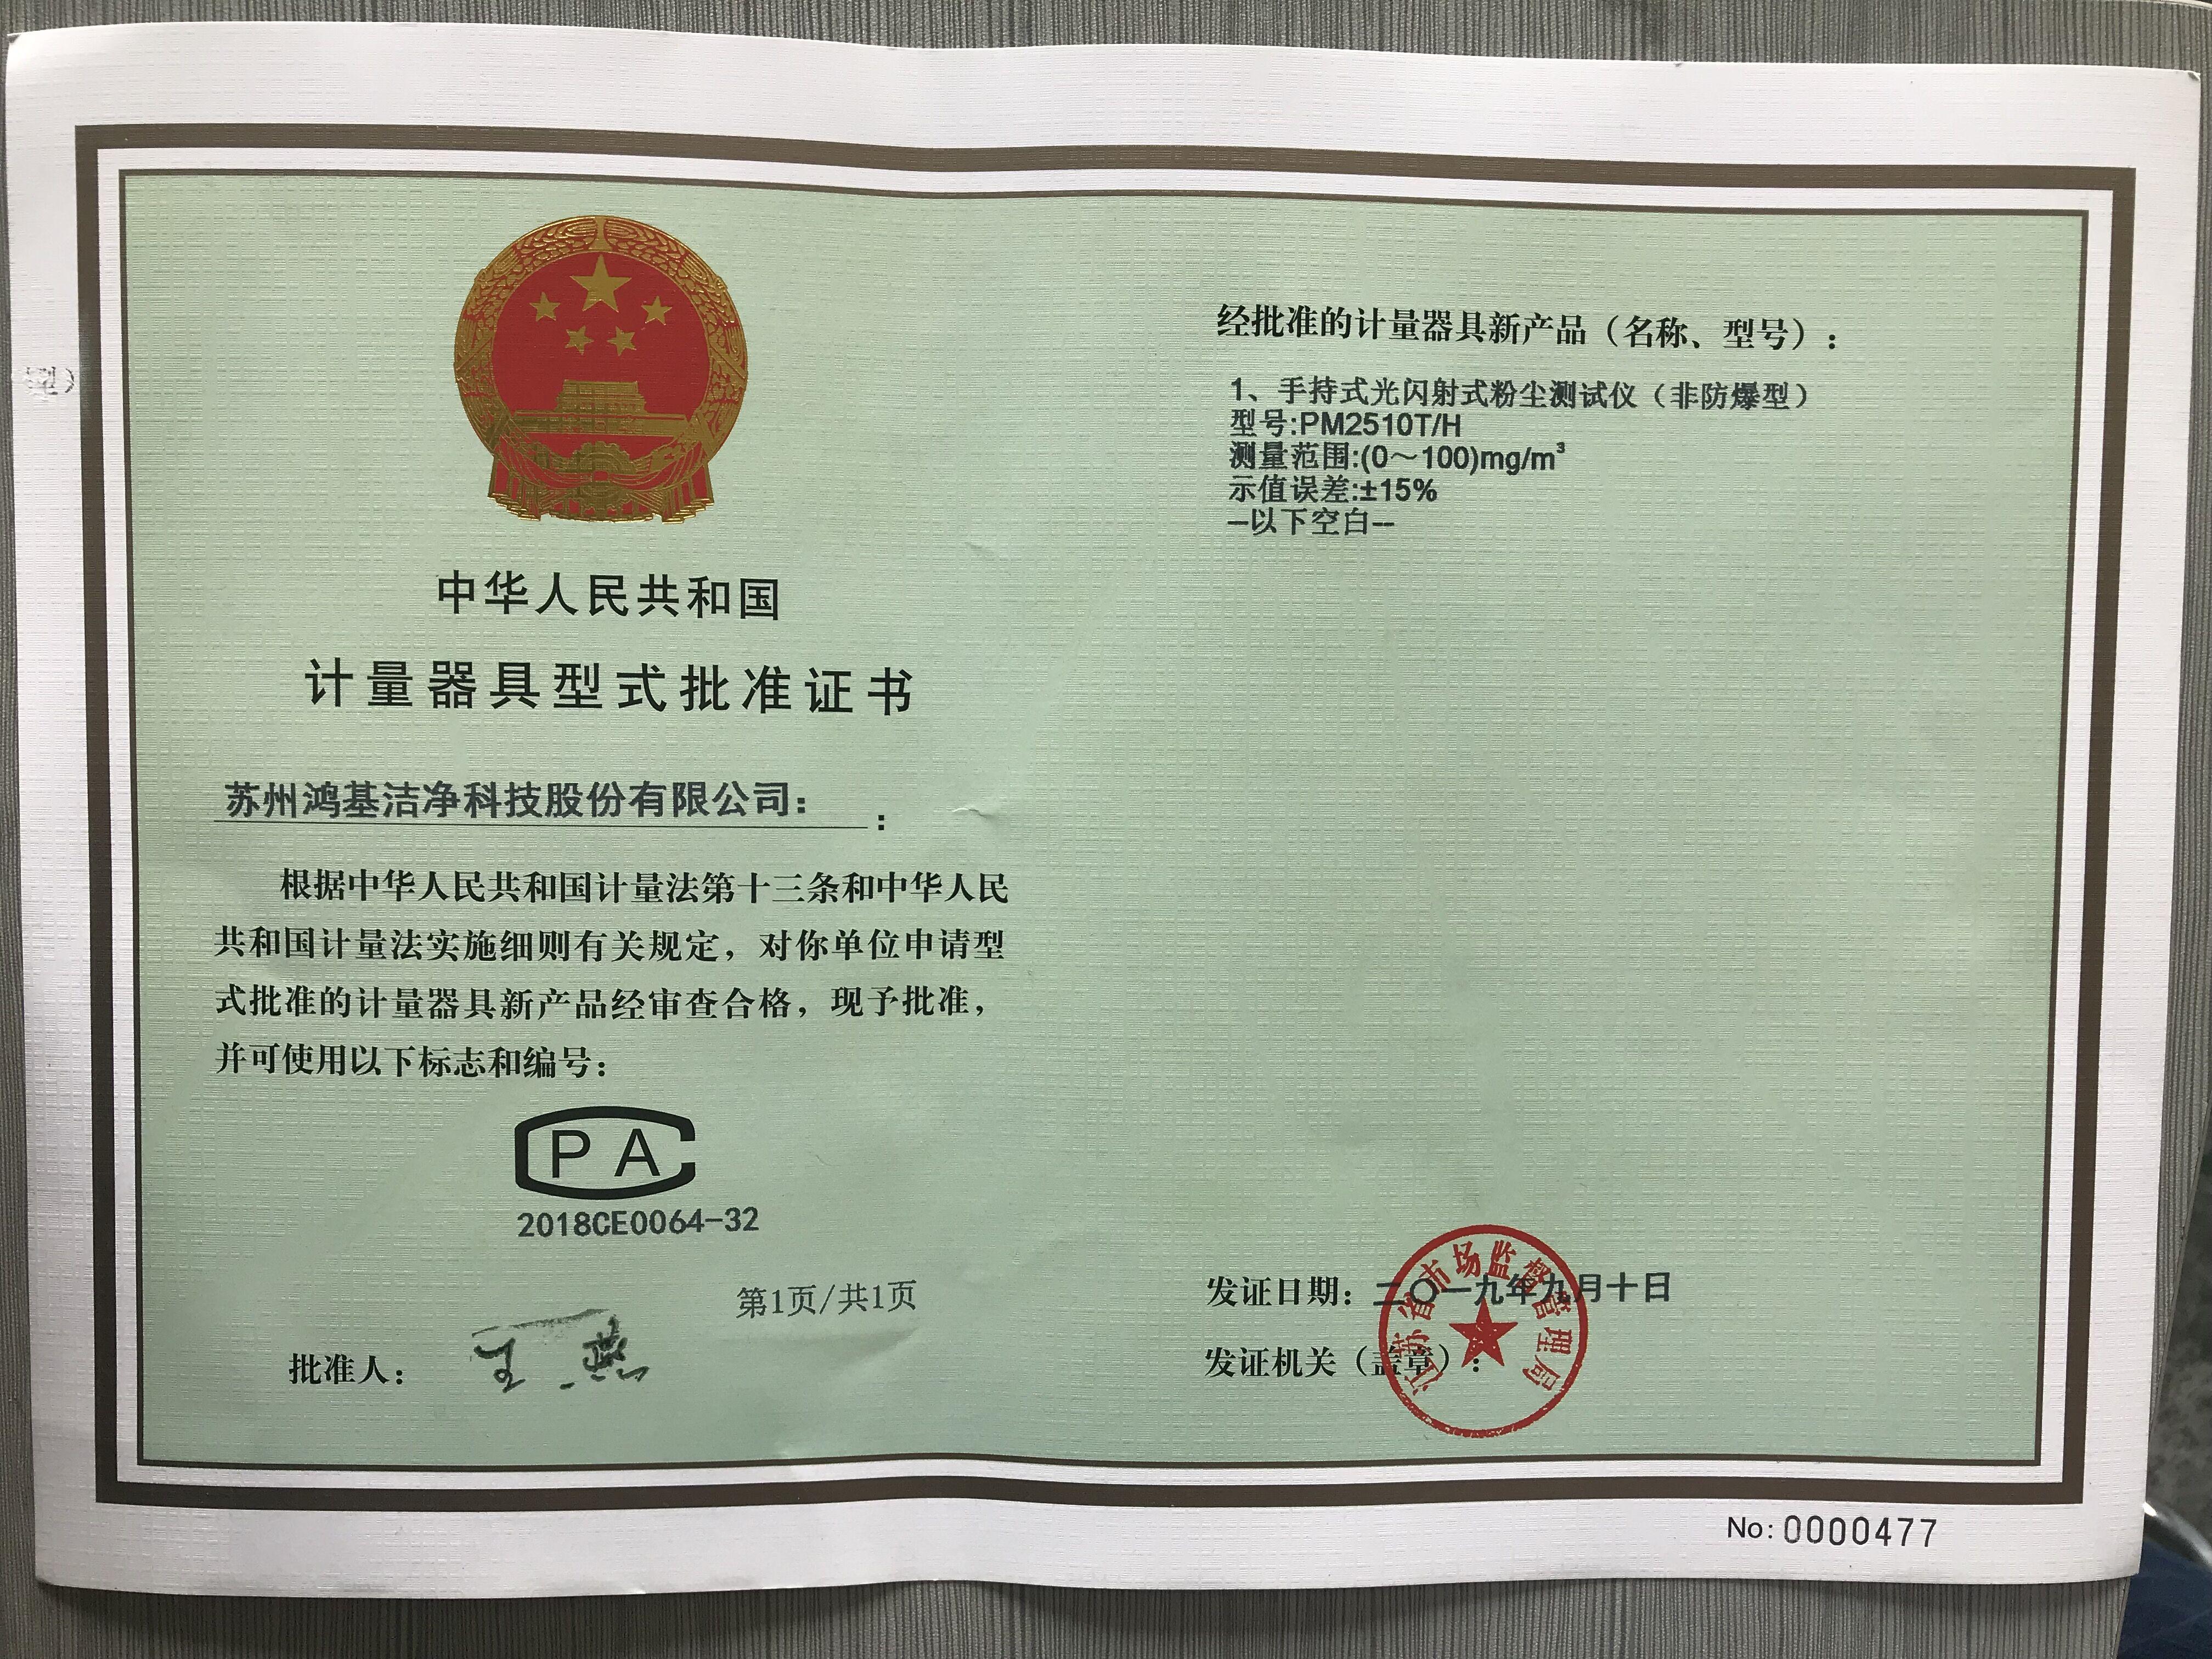 粉尘测试仪批准证书